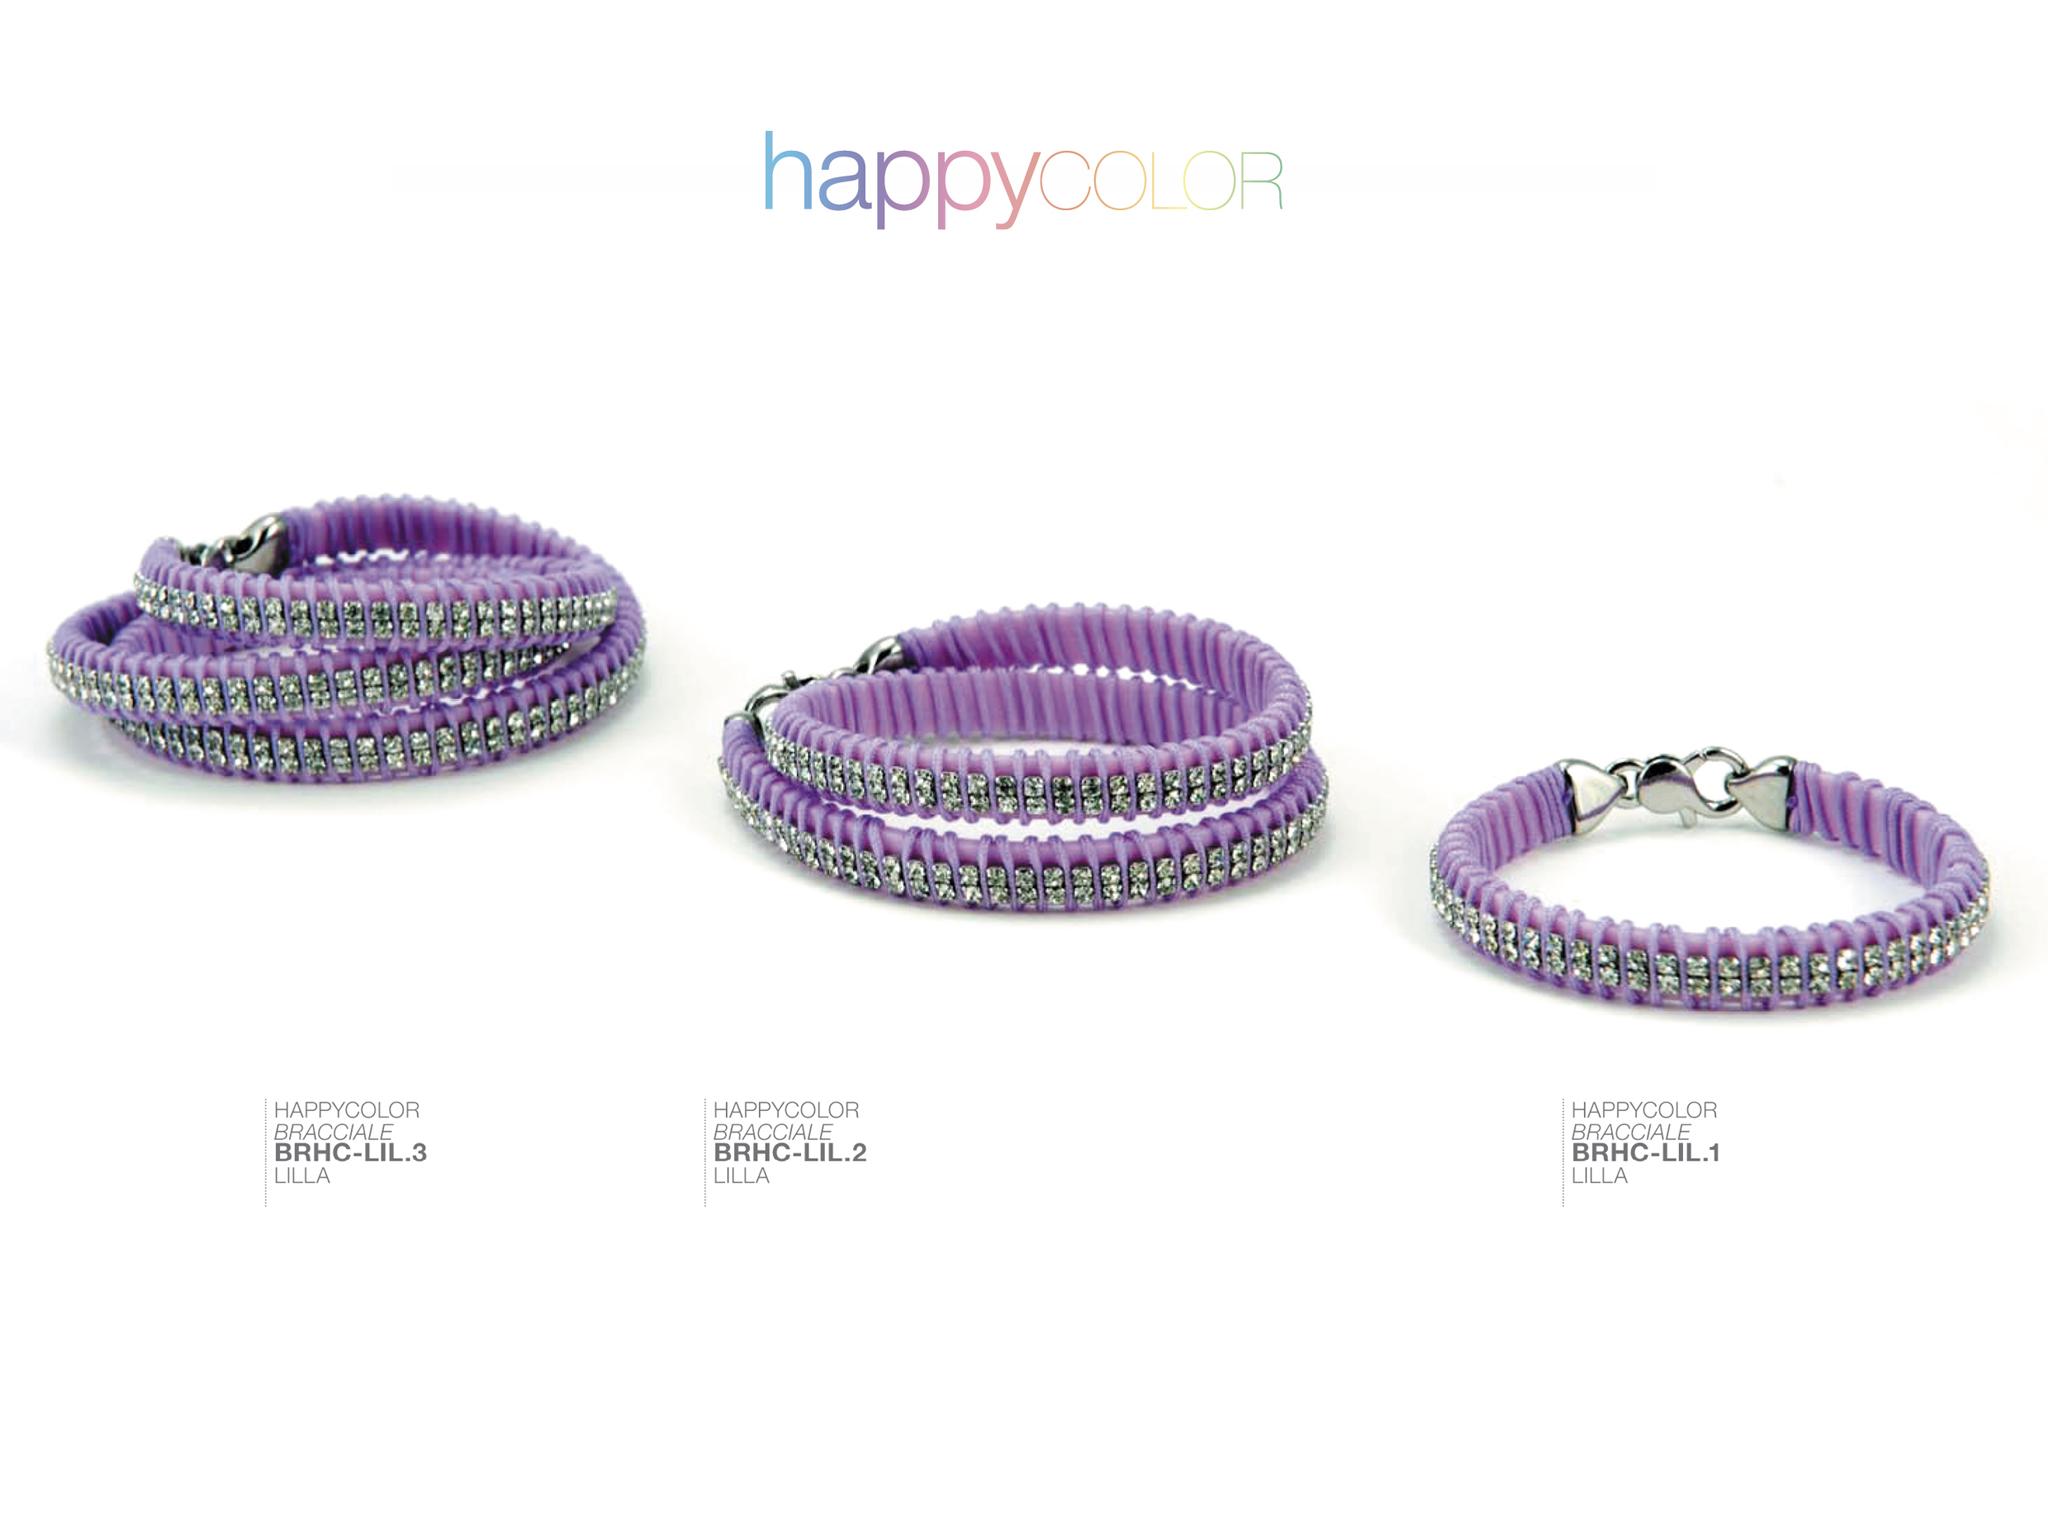 happycolors_silicone_pagina_6_app